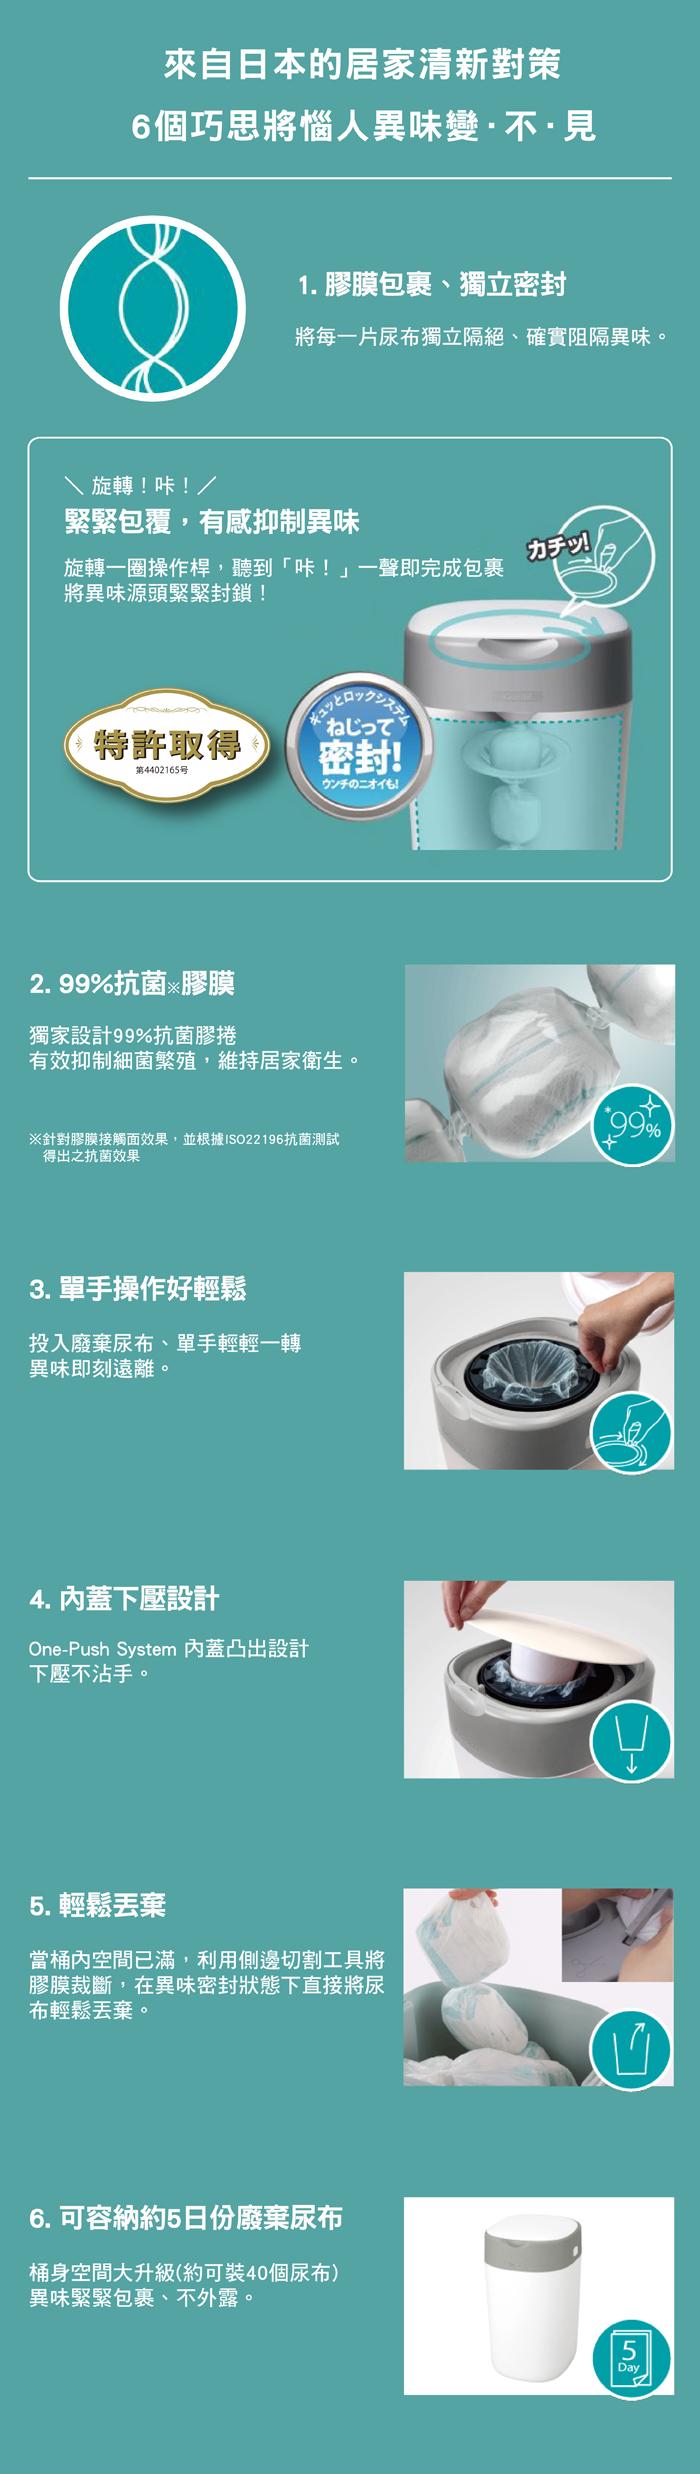 (複製)Combi|Poi-Tech Advance 尿布處理器(薄荷綠)+膠捲3入